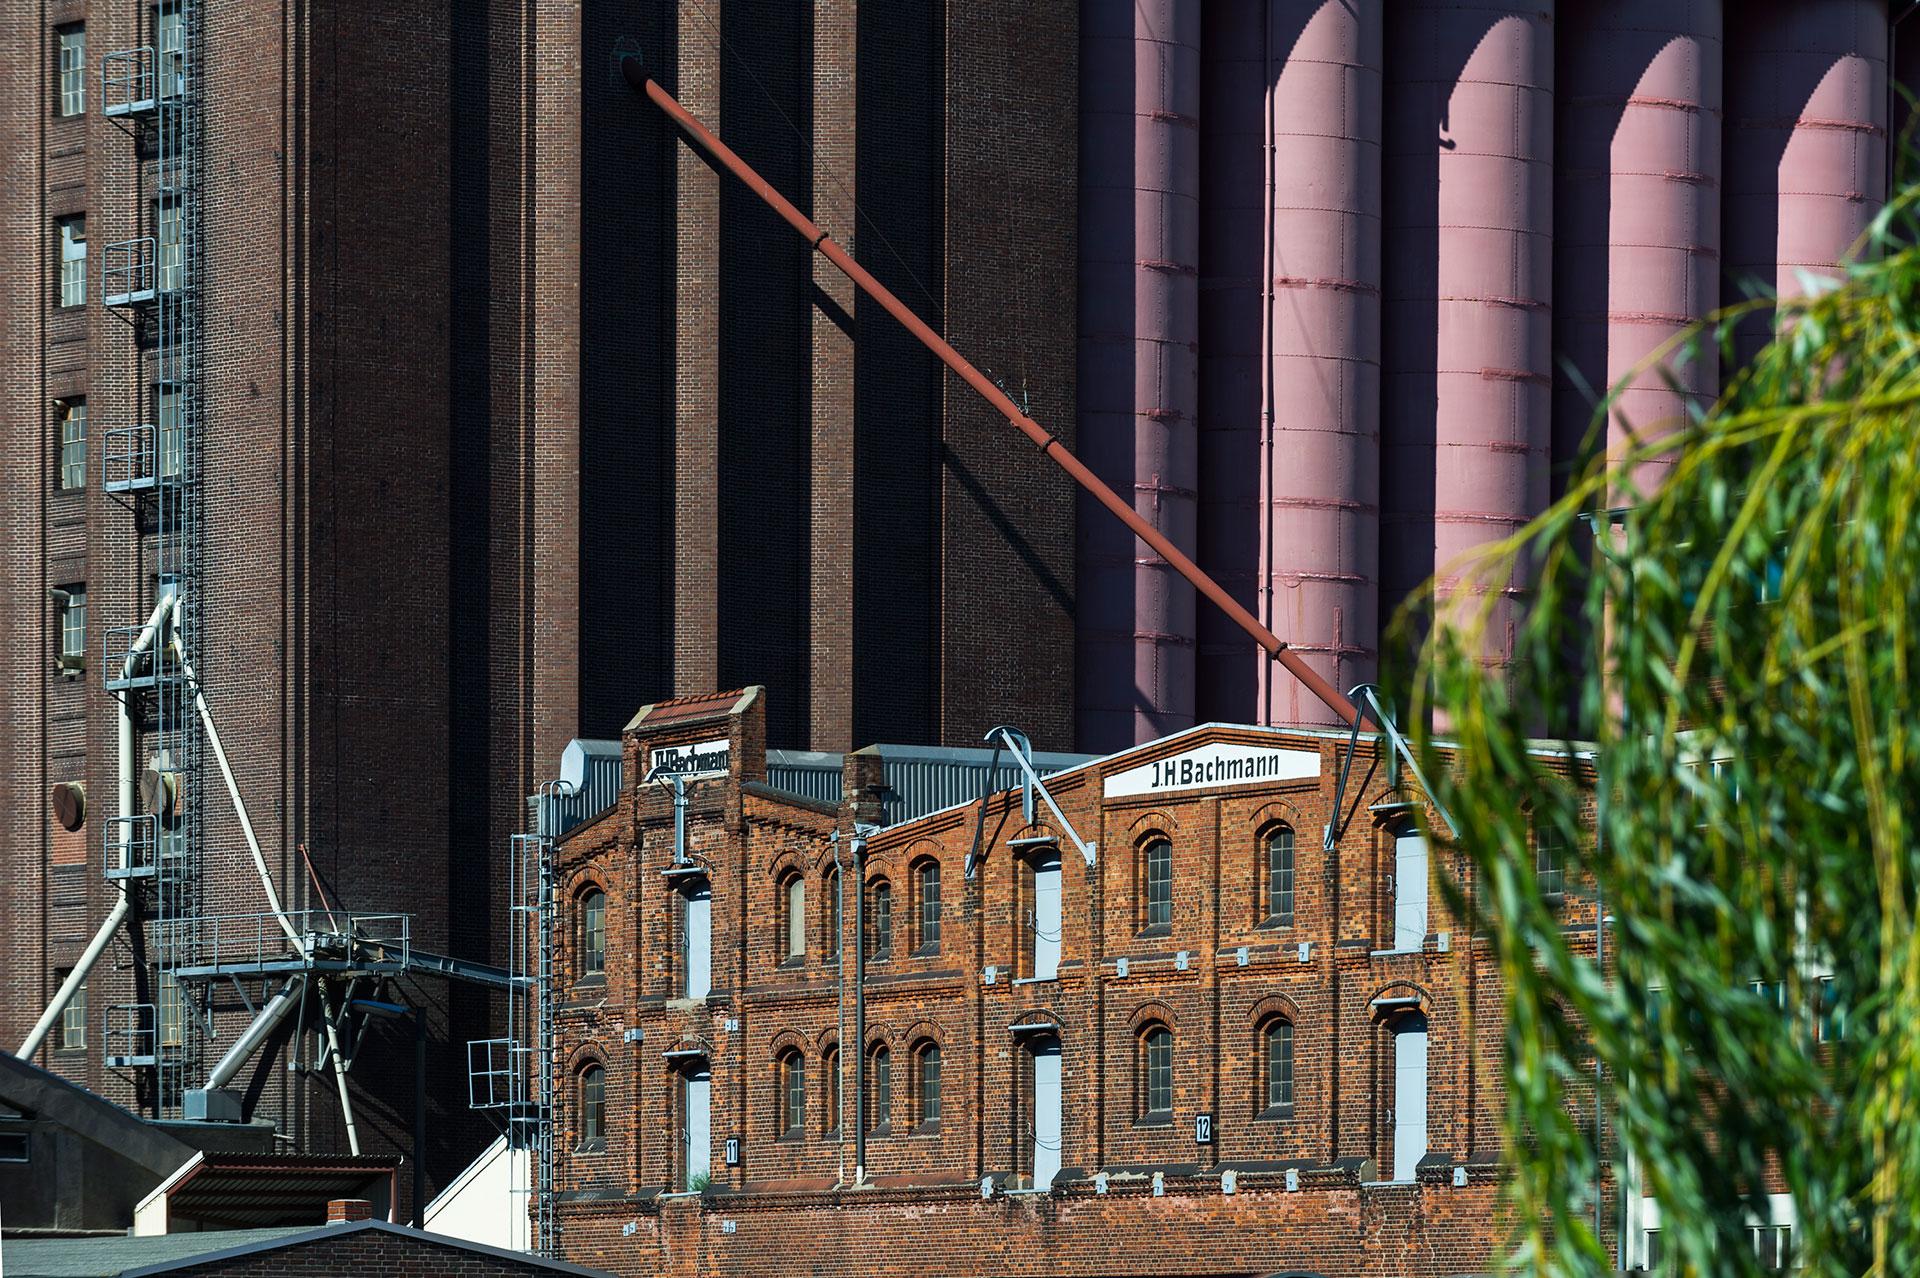 Bremen im Hafenbecken des Getreide und Holzhafen befindet sich die Siloanlage der Rolandmühle und davor ein historischer Bachsteinspeicher